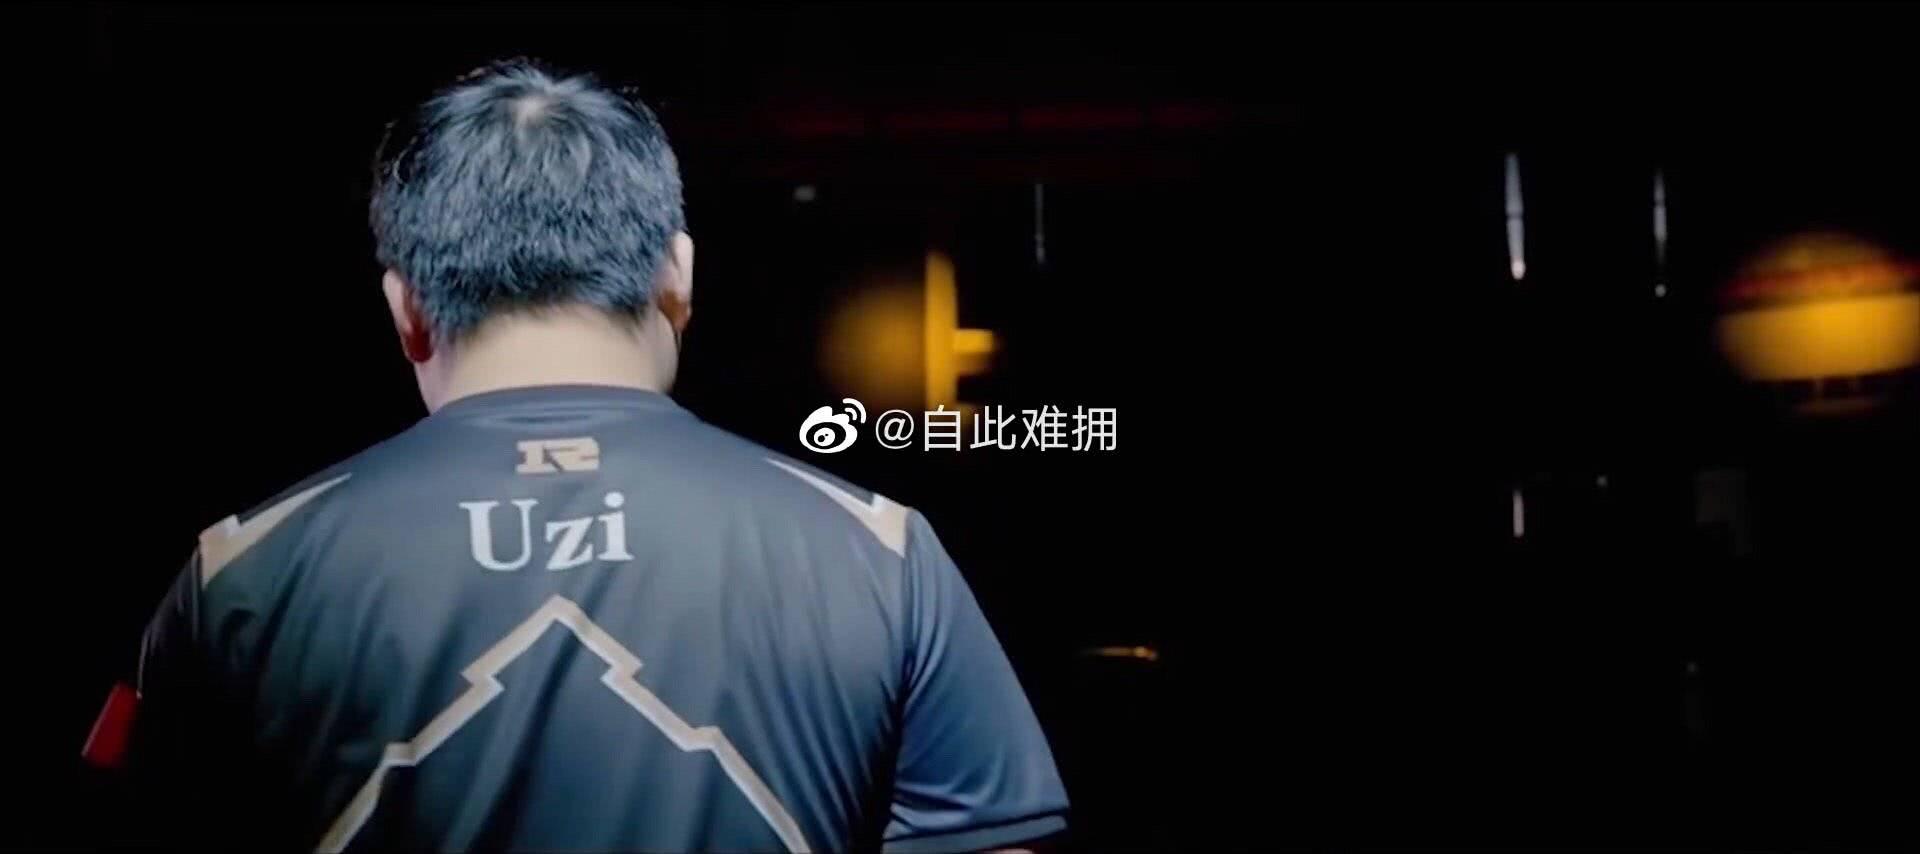 《【煜星娱乐平台首页】uzi退役,至此,LPL三大酱全部离场!》